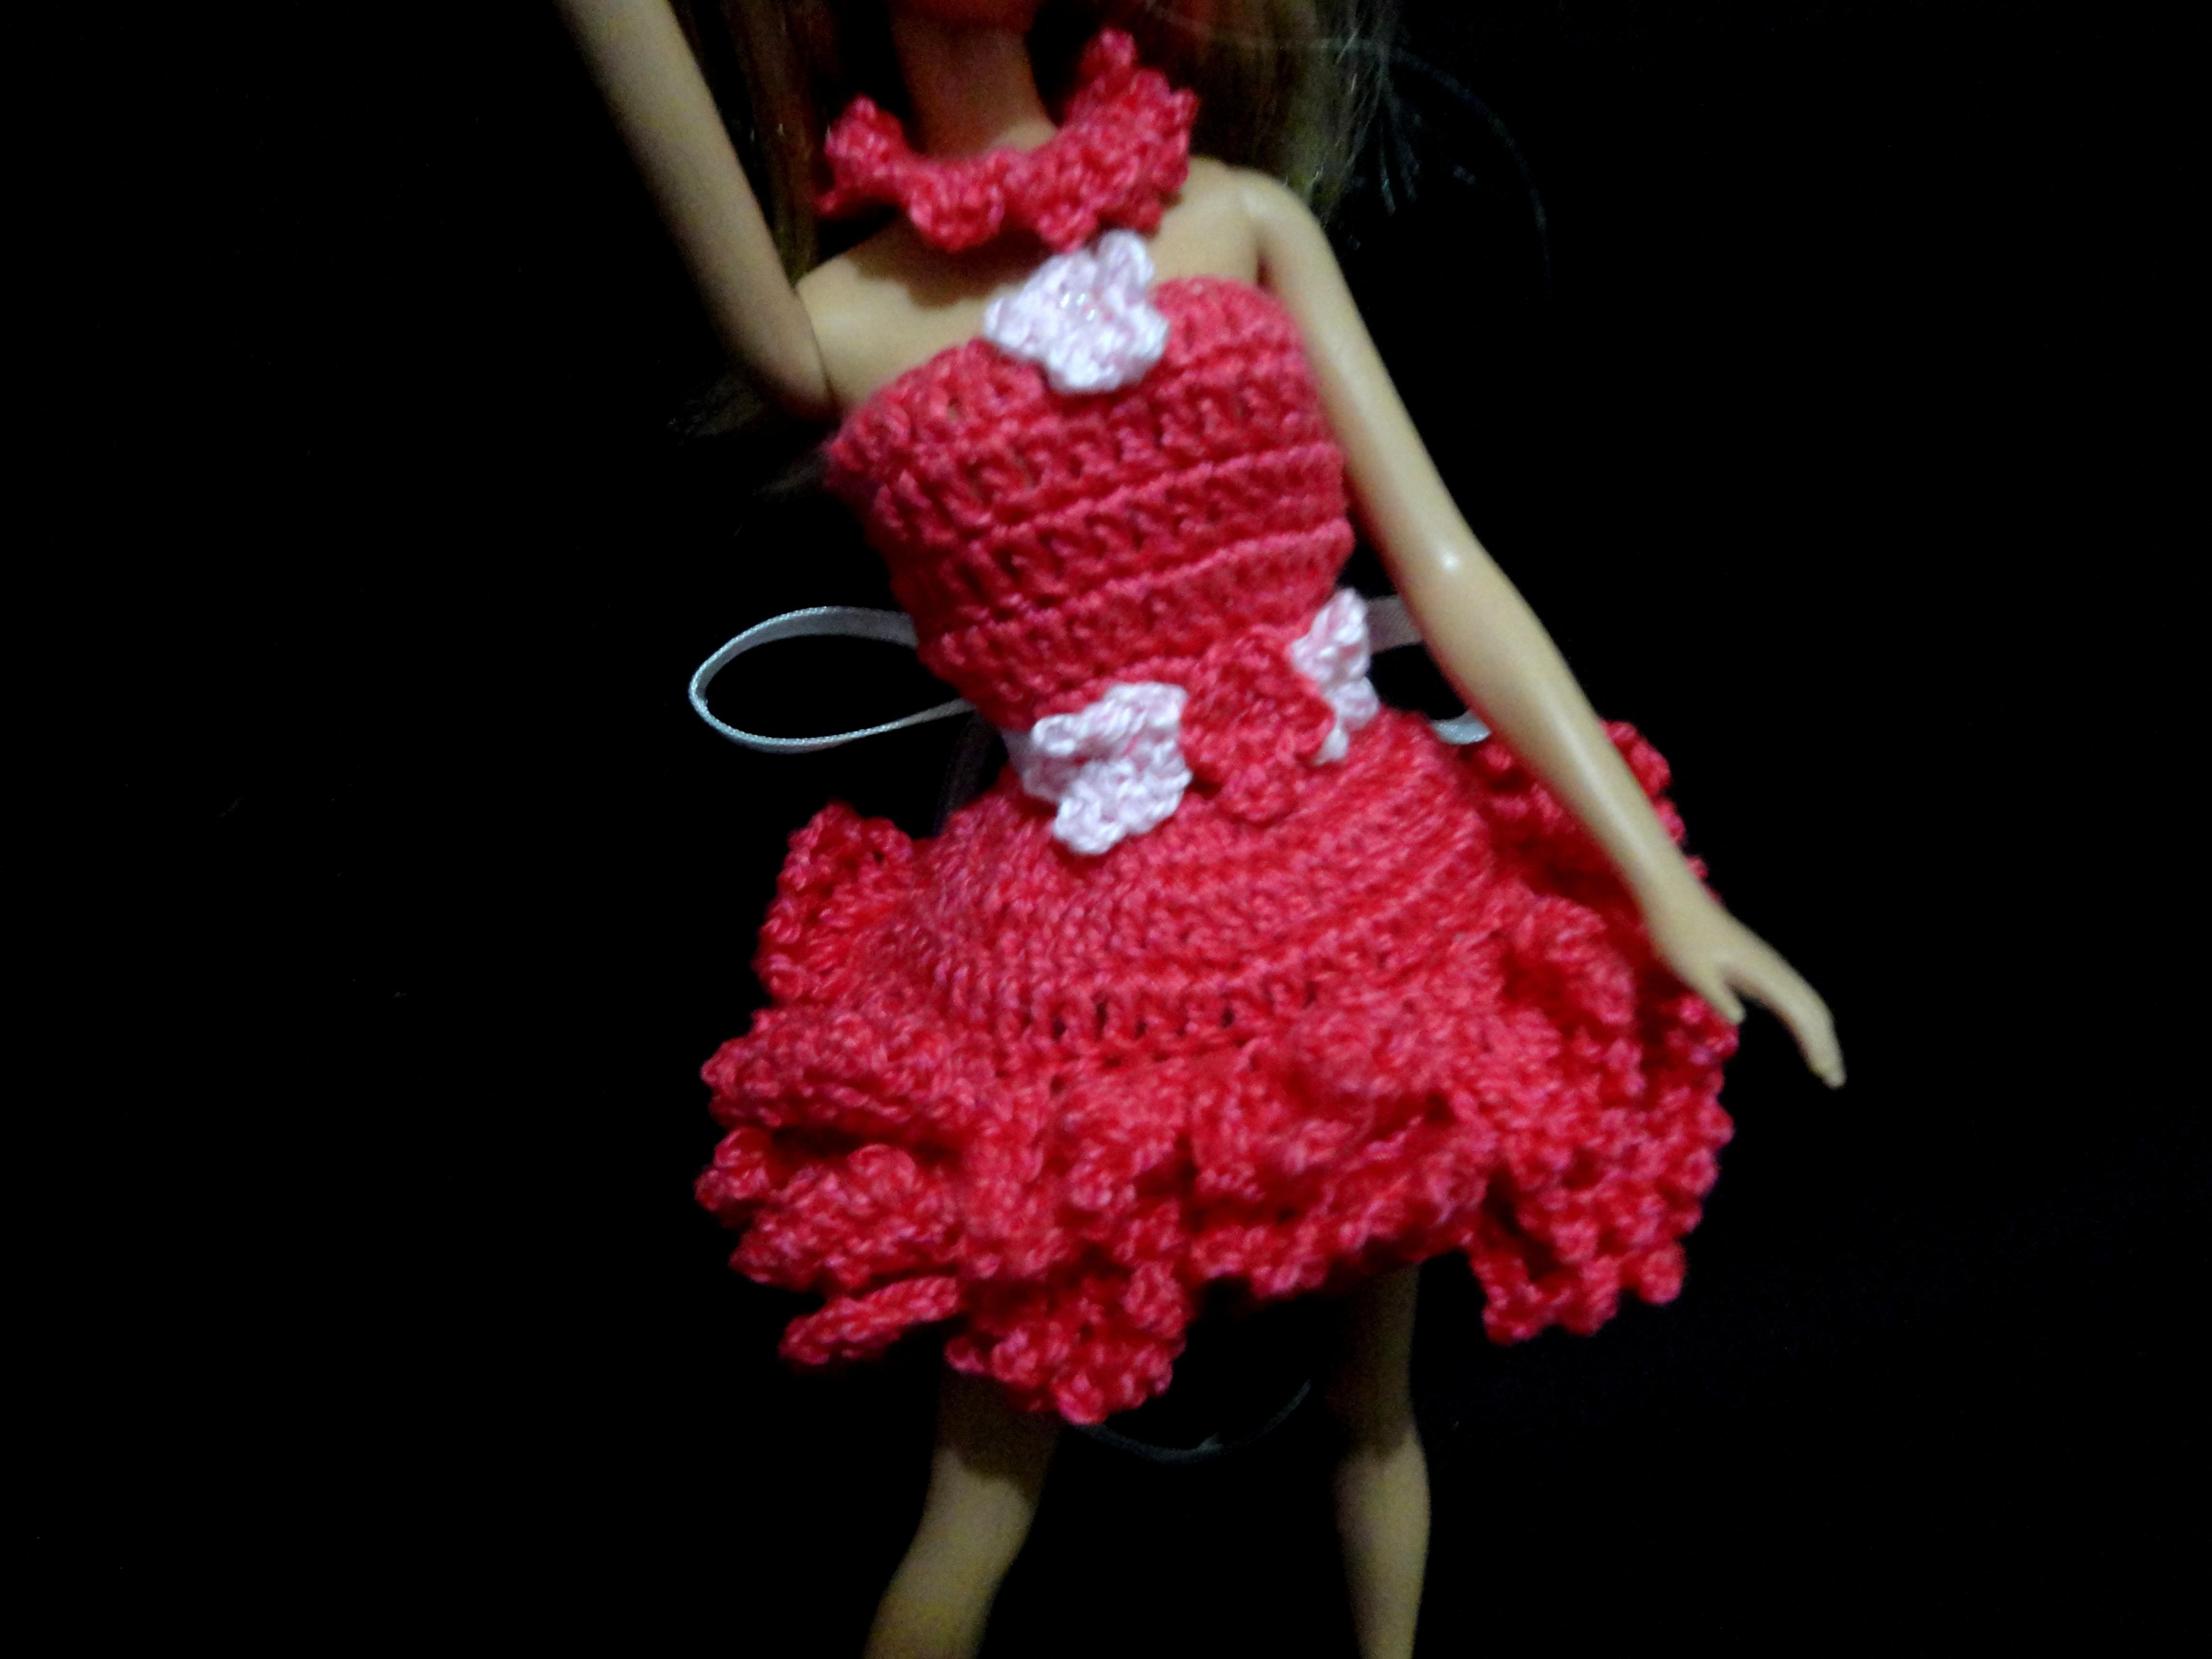 conjunto quarto da barbie em croche vestido da barbie.jpg #89111F 4608x3456 Banheiro Da Barbie Mercadolivre